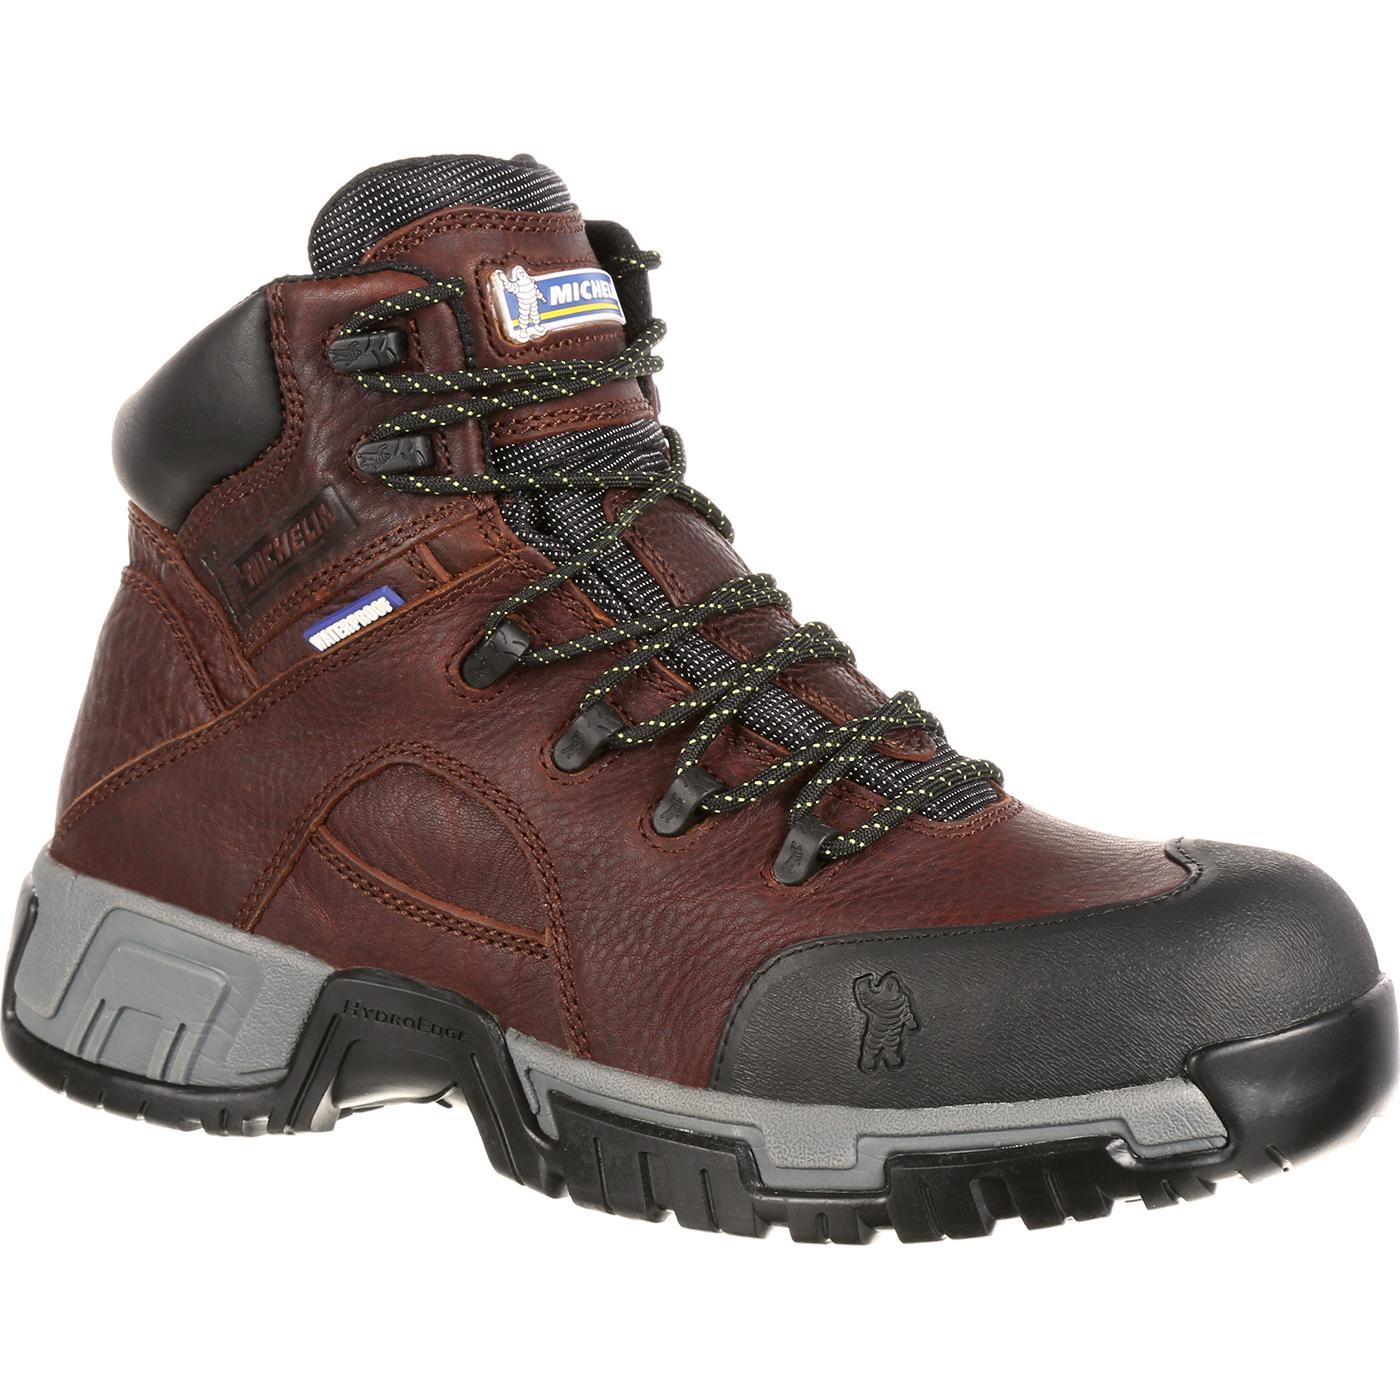 376241d37cbf9e Michelin HydroEdge Steel Toe Waterproof Work Boot